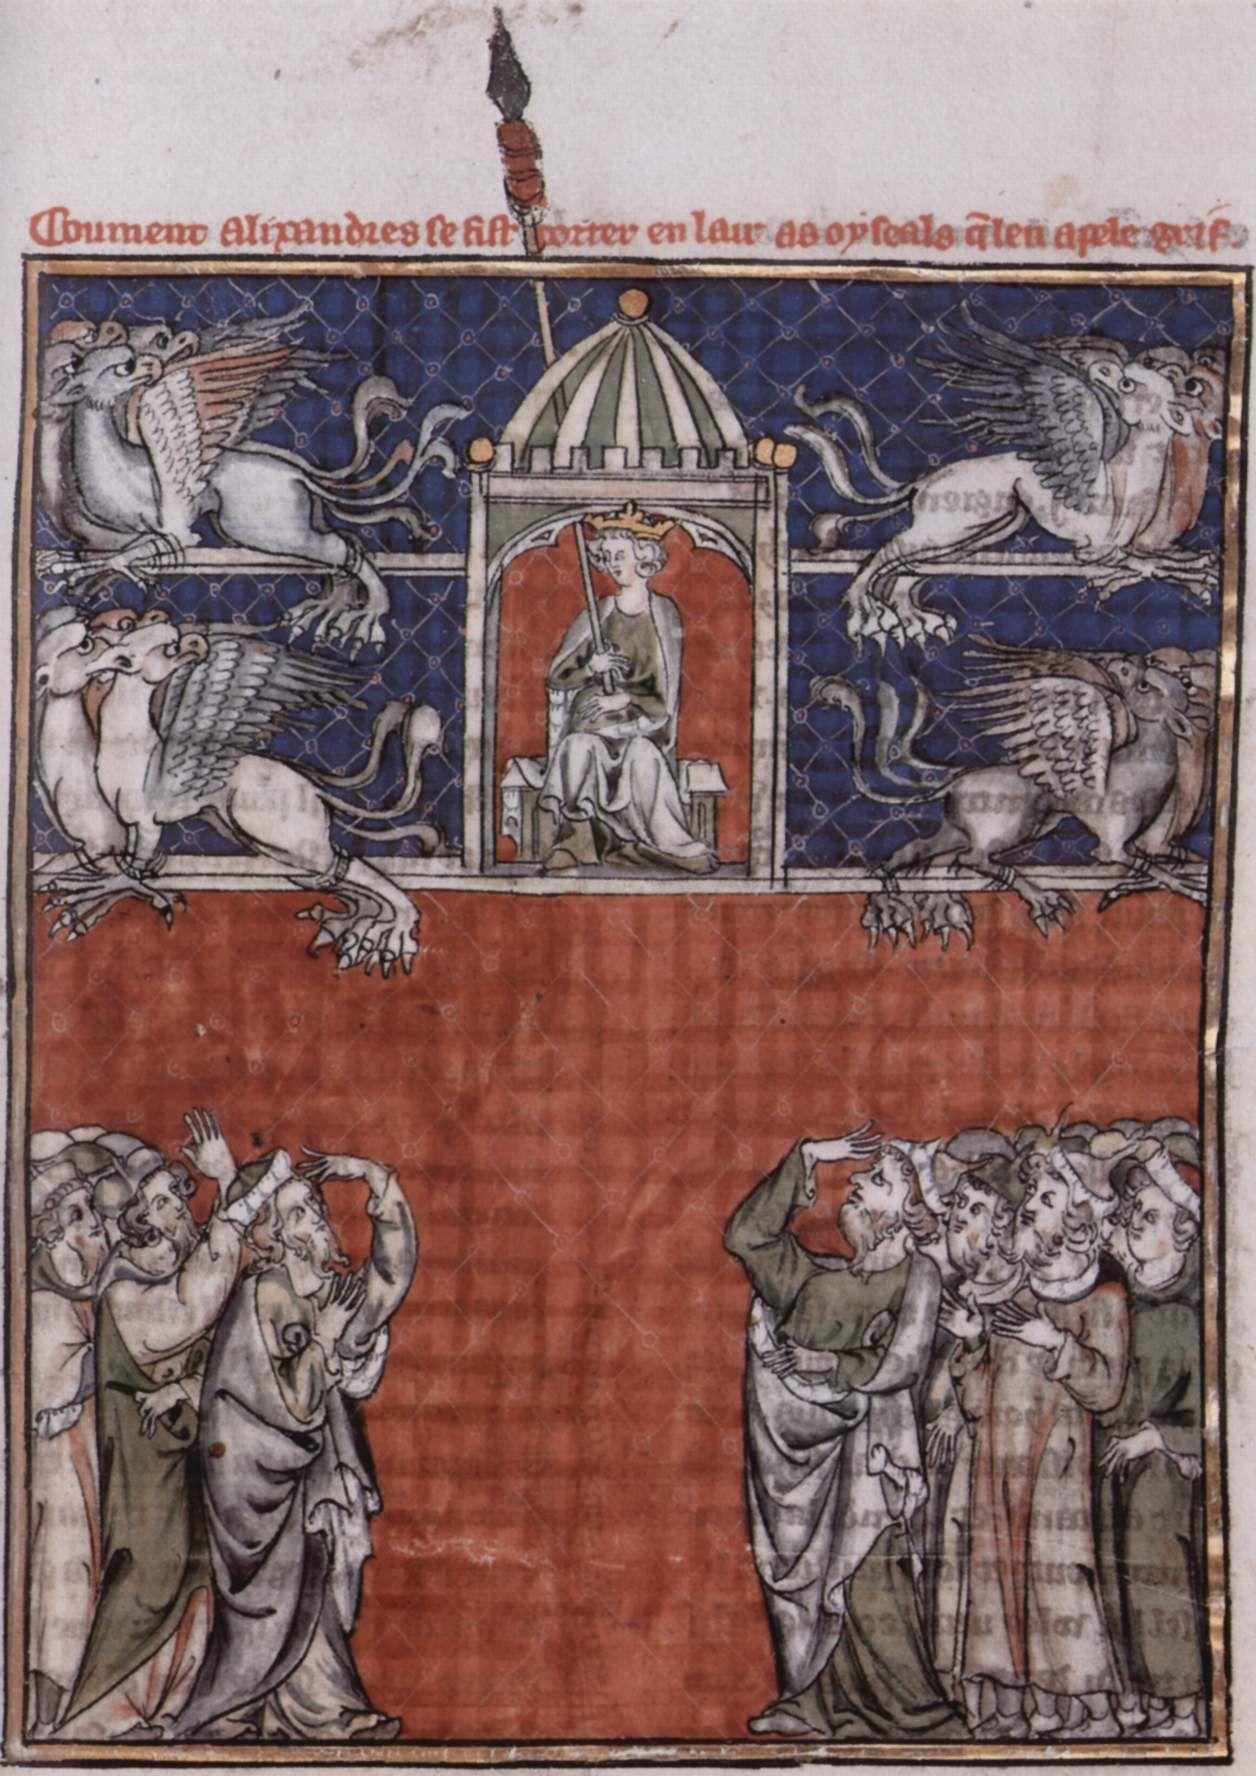 Miniatura fiamminga dall'Histoire du bon roi Alexandre, XIII secolo, (?) più probabile almeno XIV secolo, Kupferstichkabinett di Berlino